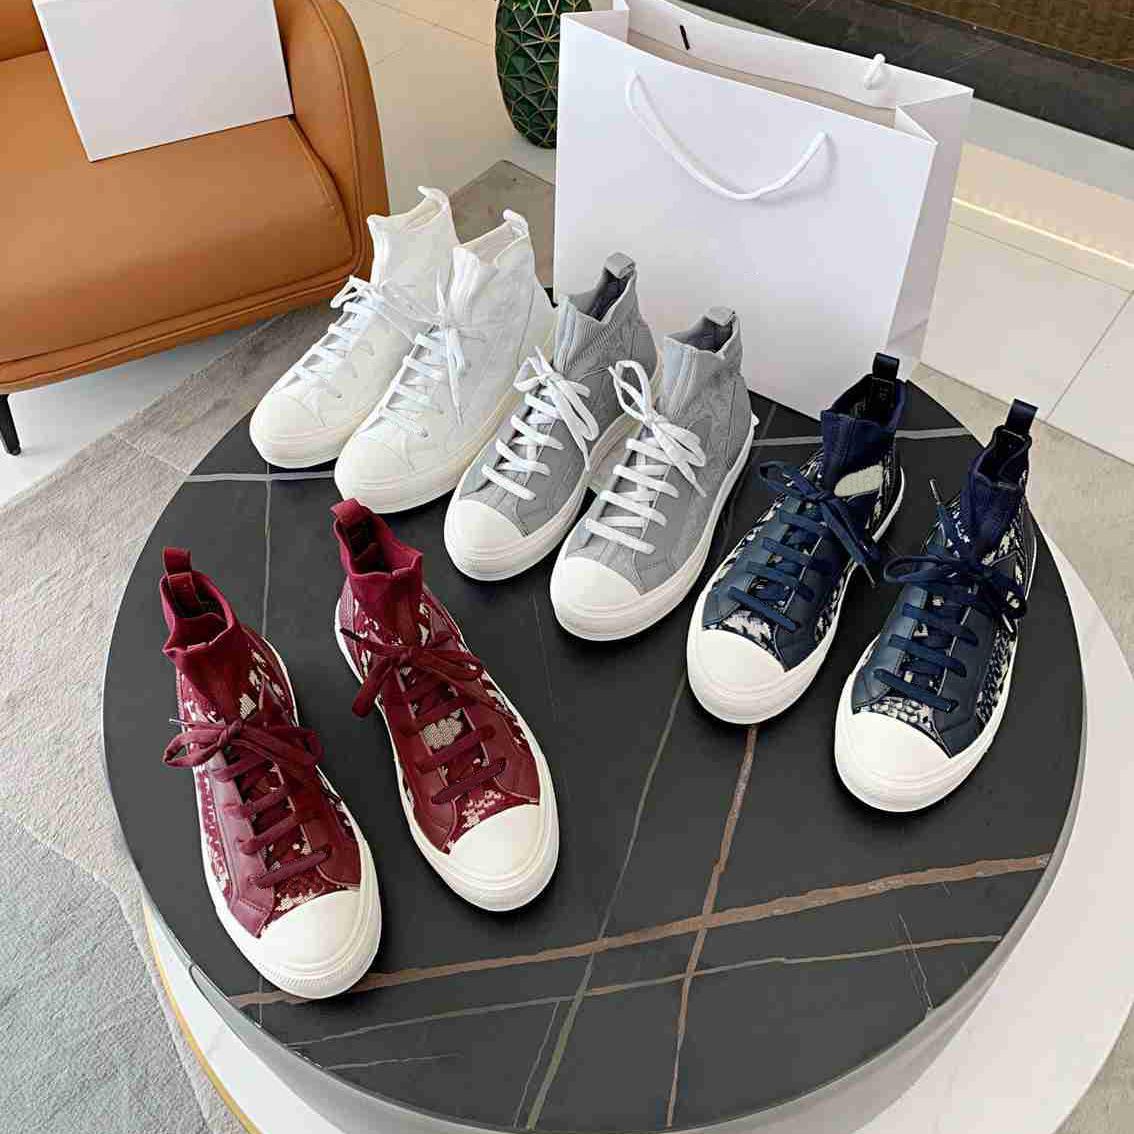 Дизайнерские кроссовки наклонные холст обувь Высокое шоу кроссовки растягивающие носки кожаные женщины повседневная высокое качество роскоши тренеров размером 35-41